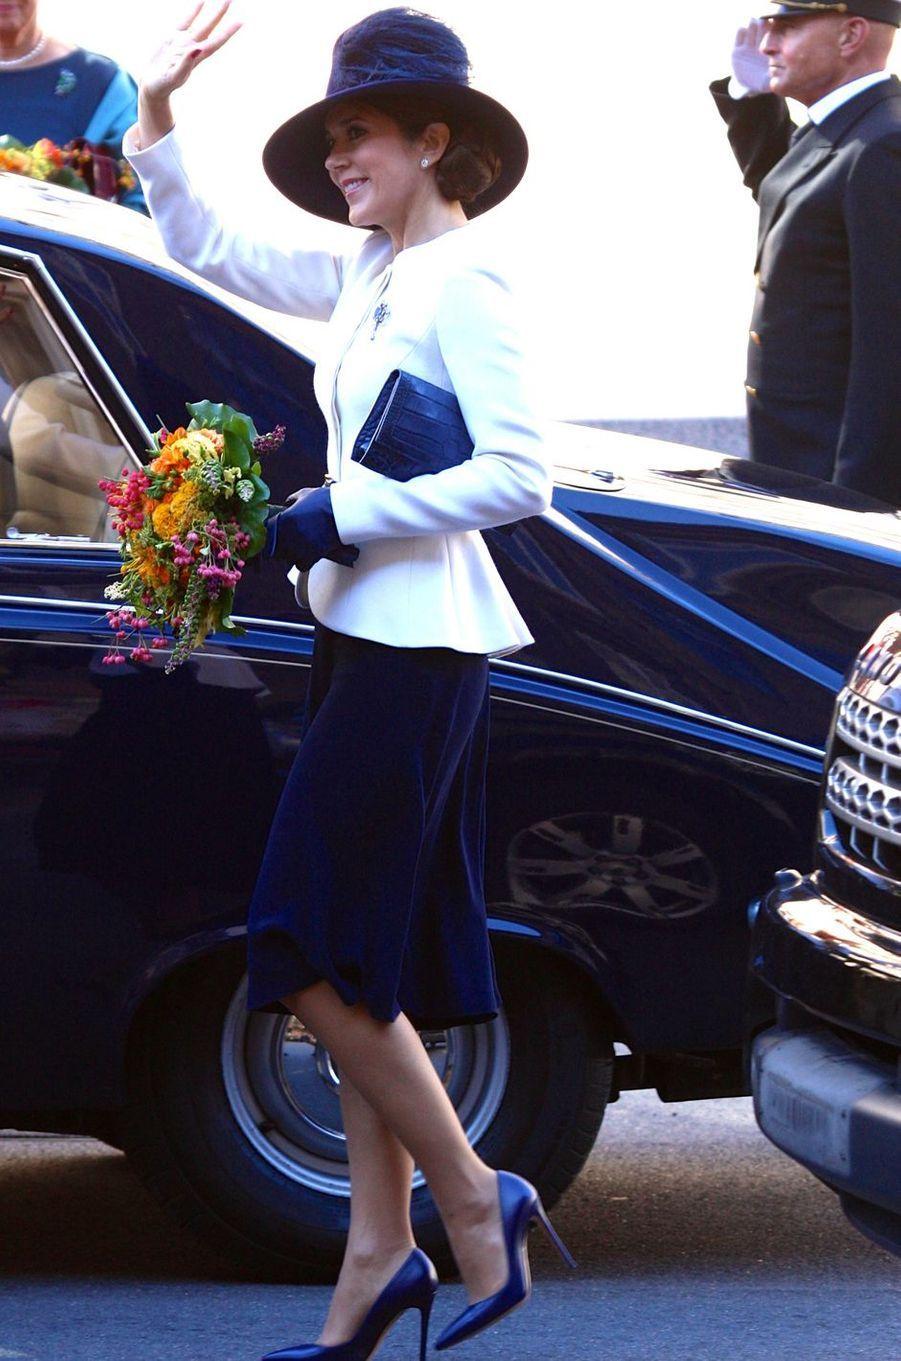 Ce mardi 4 octobre, les princesses Mary et Marie de Danemark étaient réunies autour de leur belle-mère la reine Margrethe II à l'occasion de la rentrée du Parlement.